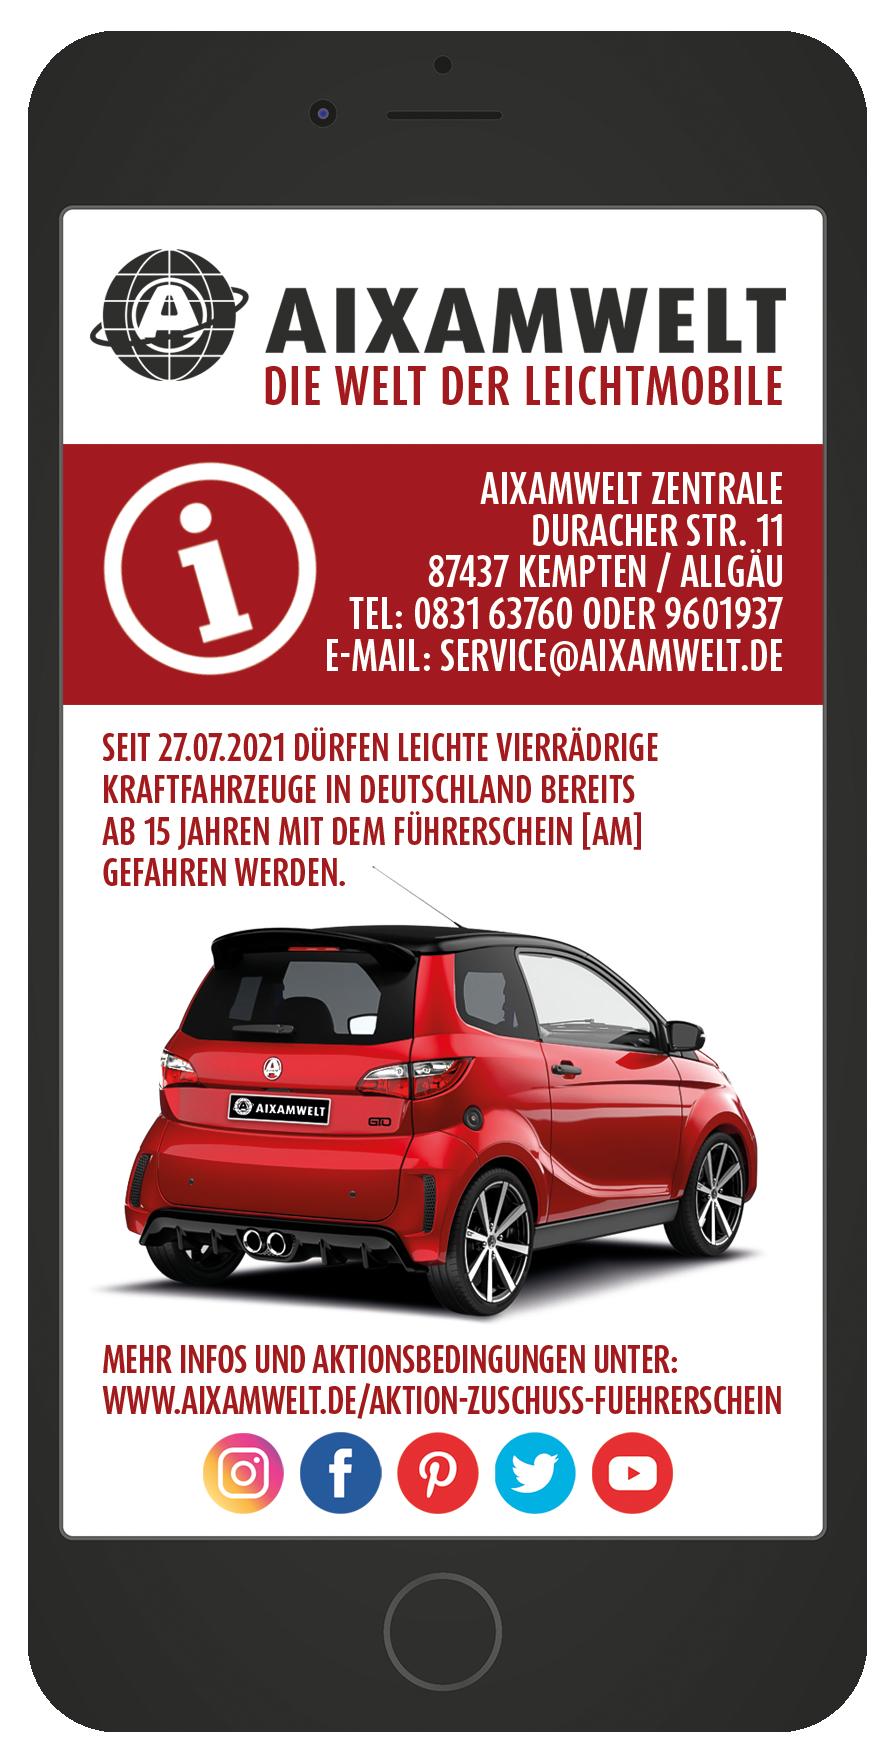 AIXAMWELT Aktion Zuschuss zu deinem Führerschein AM Smartphone Flyer hinten